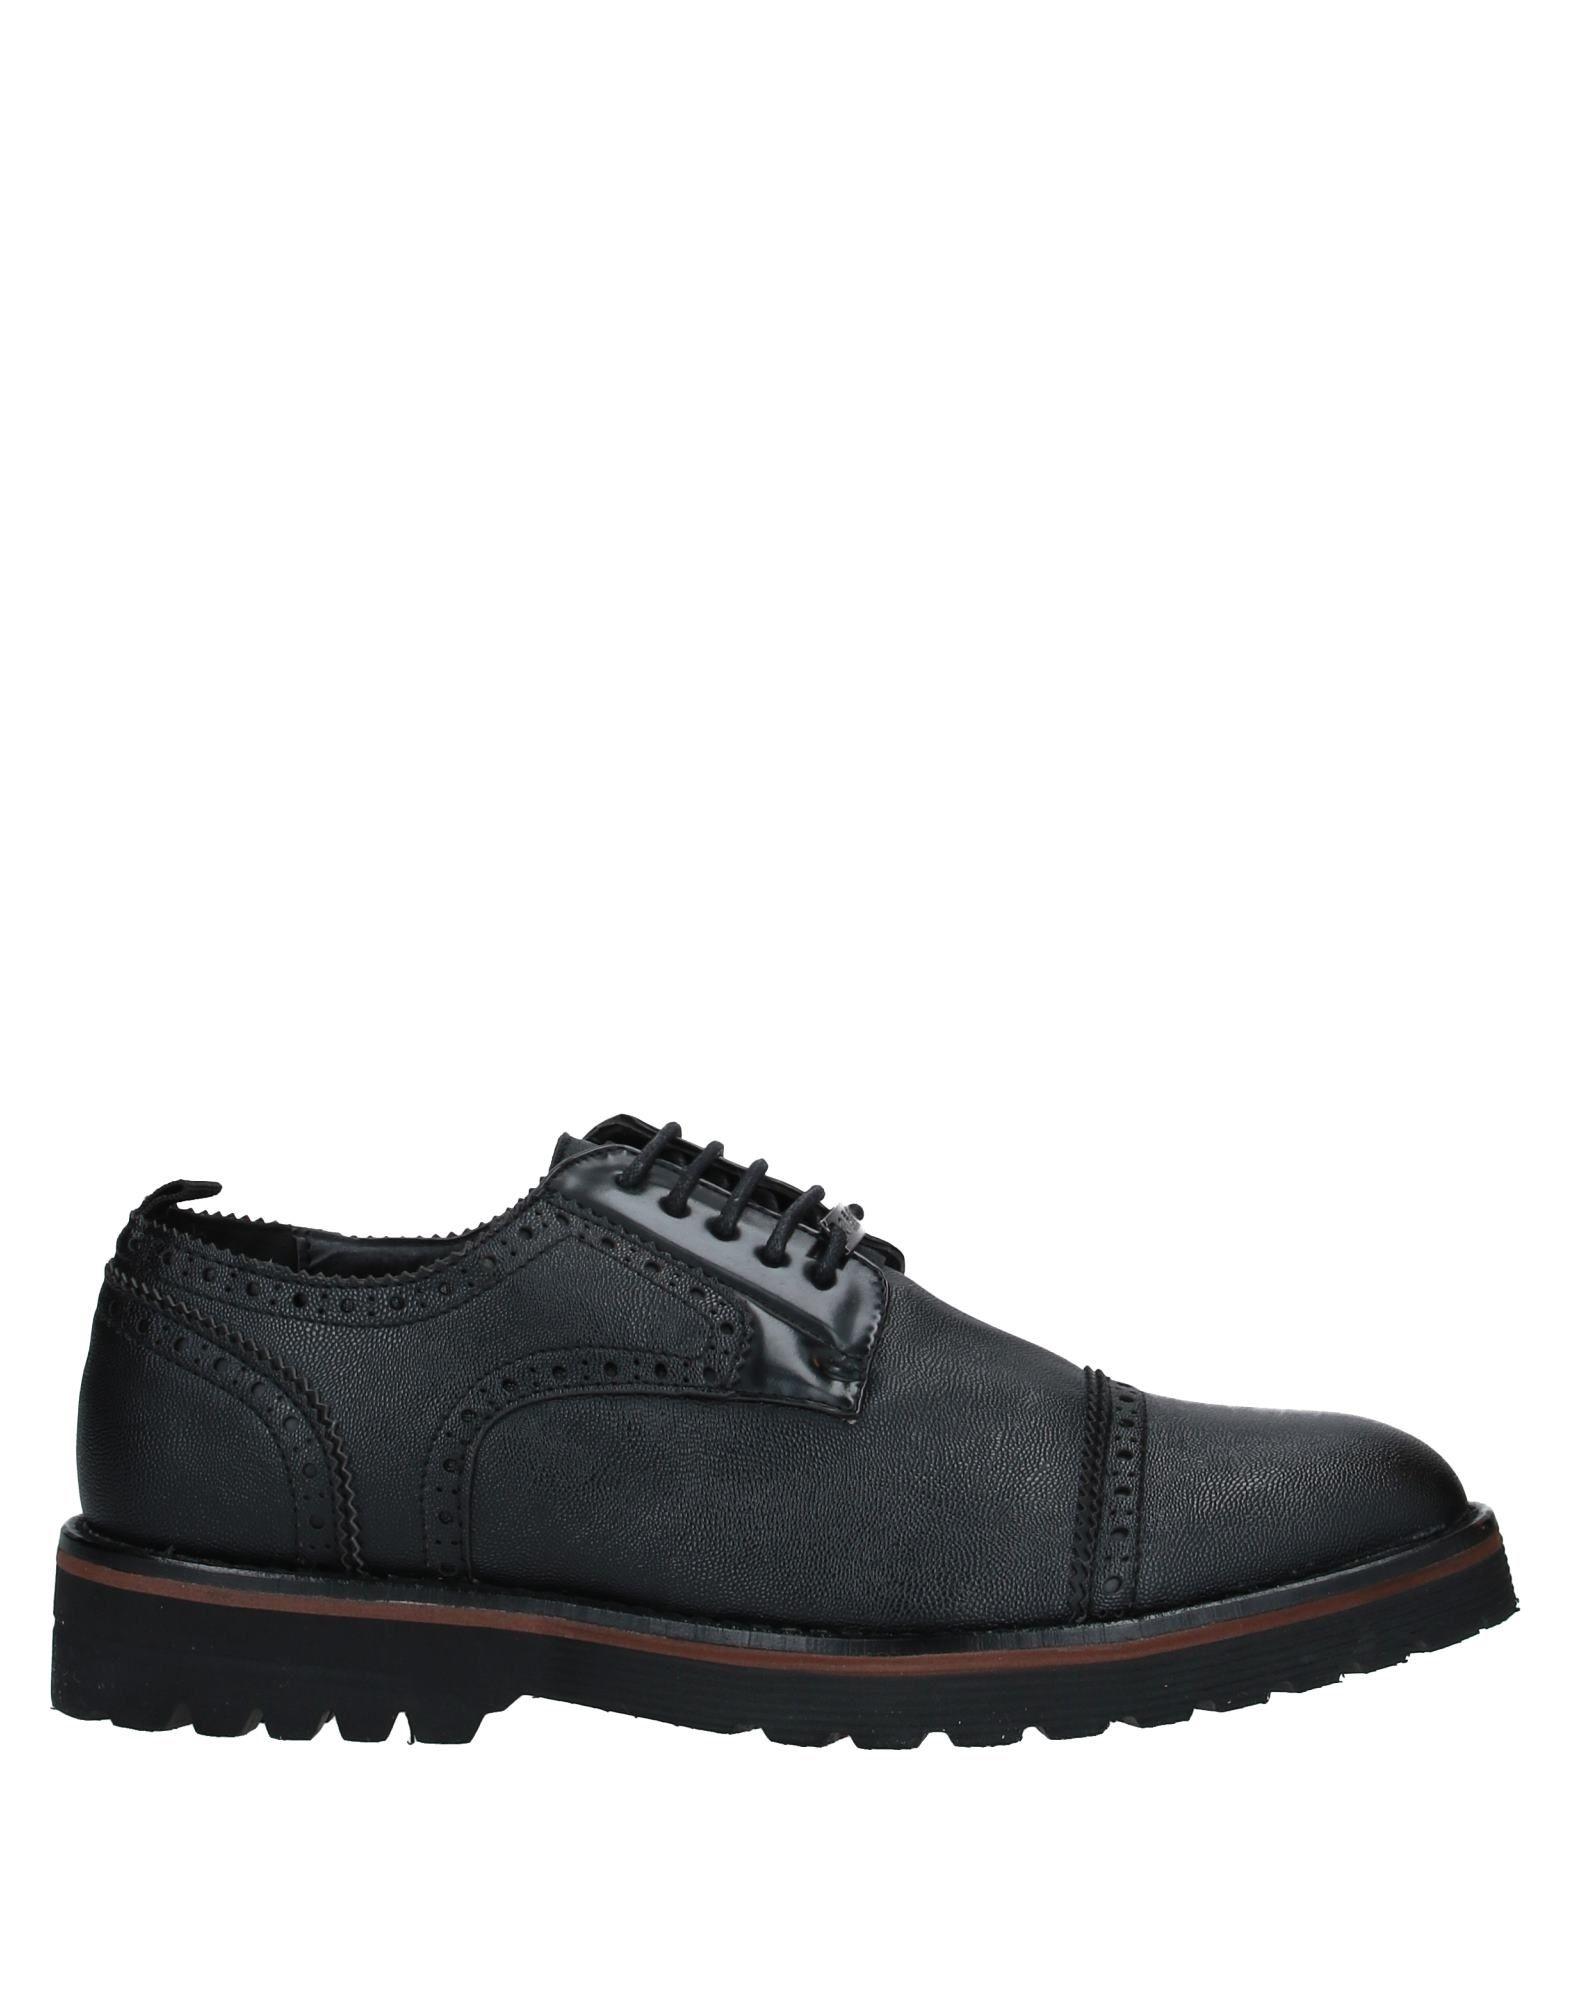 Фото - GIANMARCO VENTURI Обувь на шнурках church s обувь на шнурках